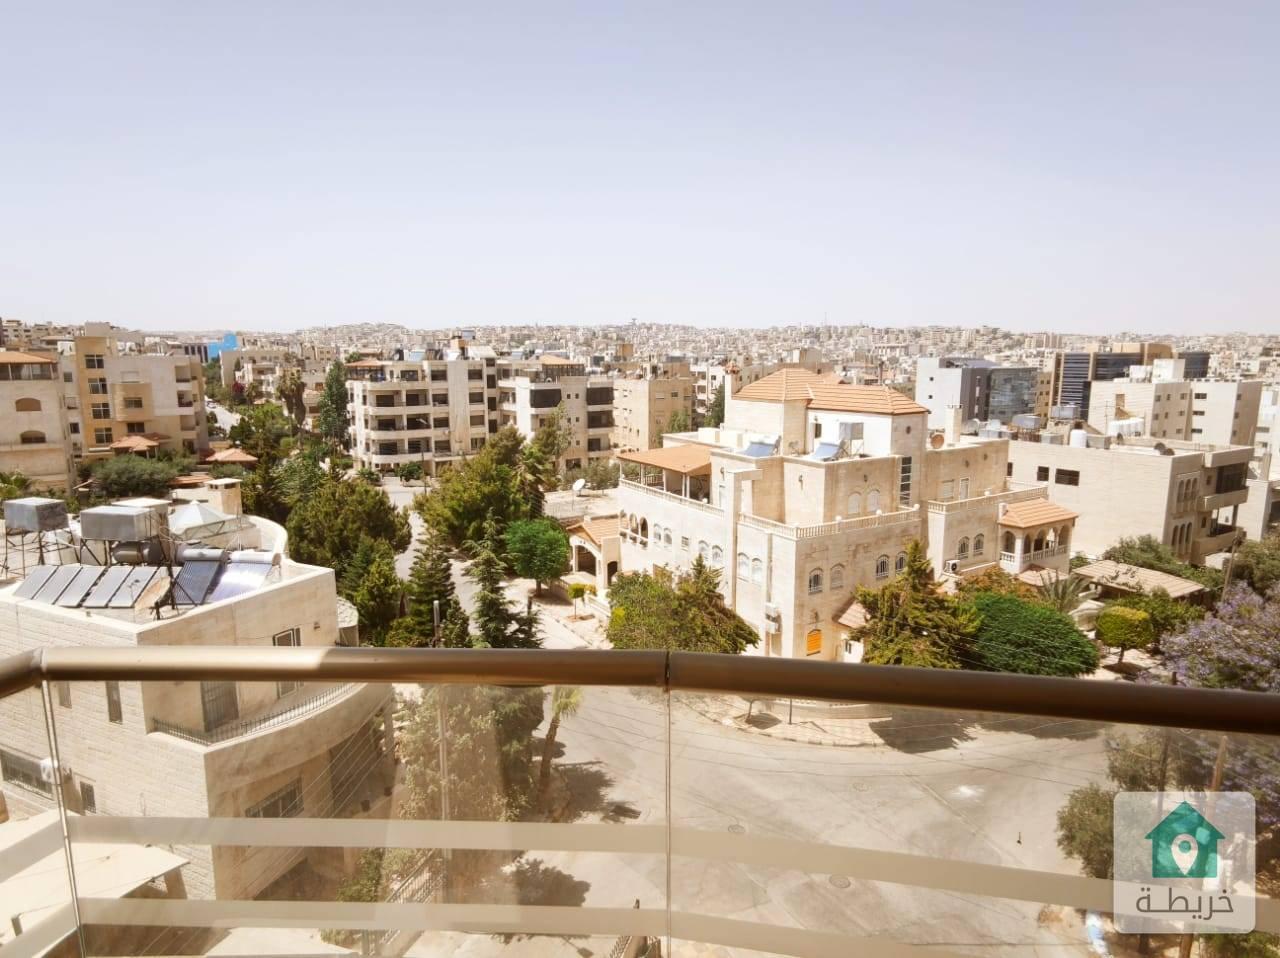 شقة مميزة للبيع في ارقى مناطق شميساني أخير مع رووف مساحة كلية 440م